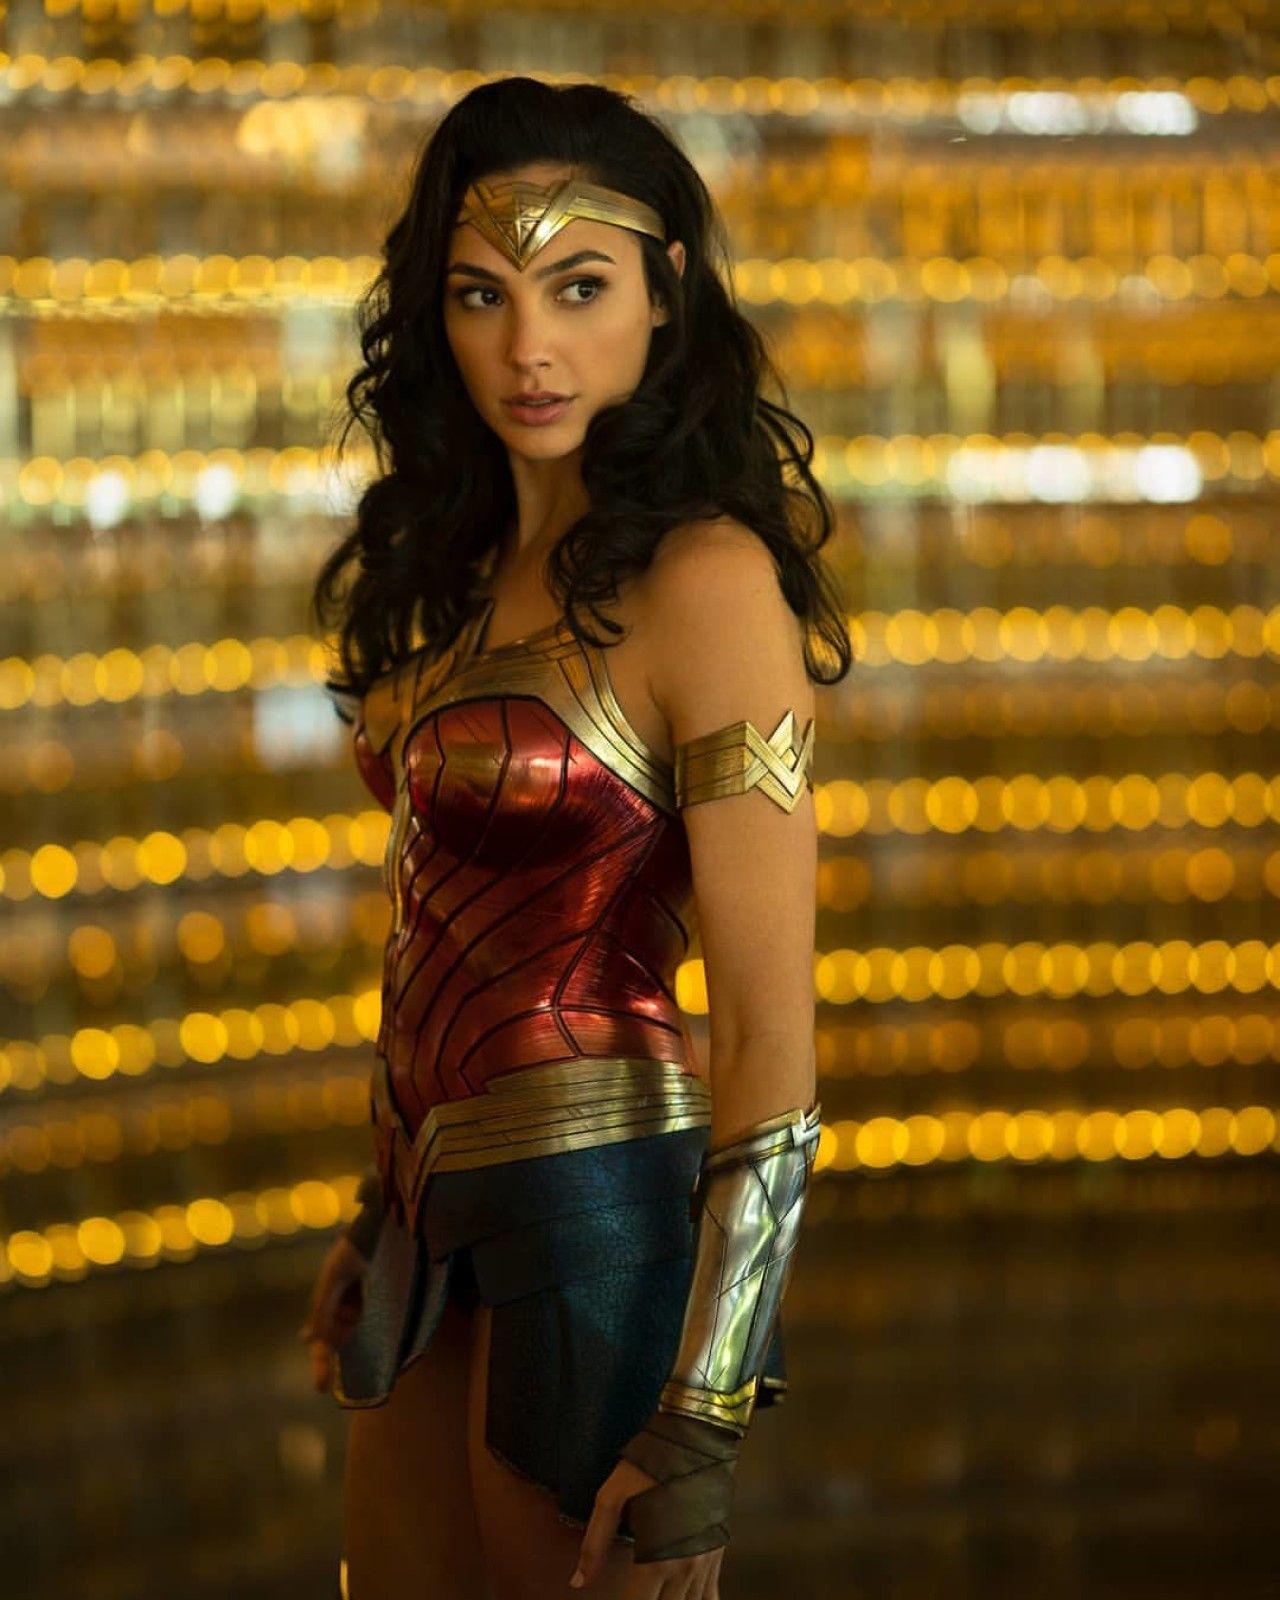 Gal Gadot Revela Que Tuvo Dolorosas Consecuencias Al Filmar Wonder Woman 1984 Mujer Maravilla Pelicula Gal Gadot Mujer Maravilla Mujer Maravilla Actriz